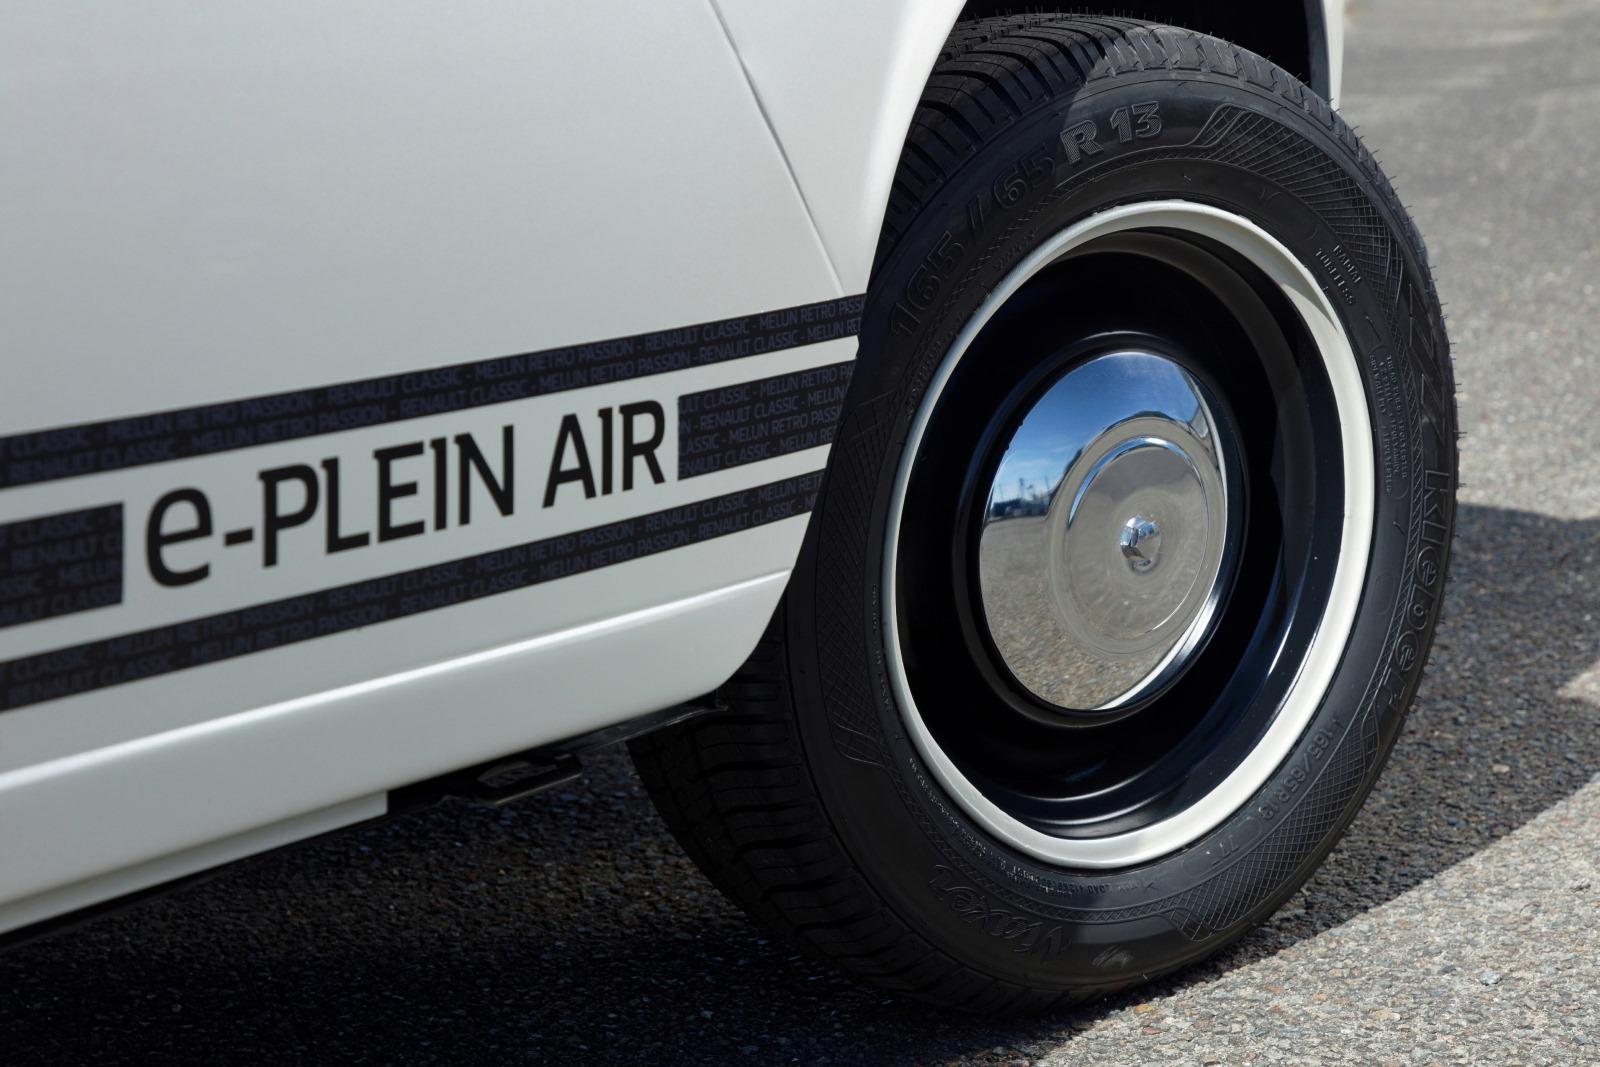 Renault e-Plein Air wheel detail